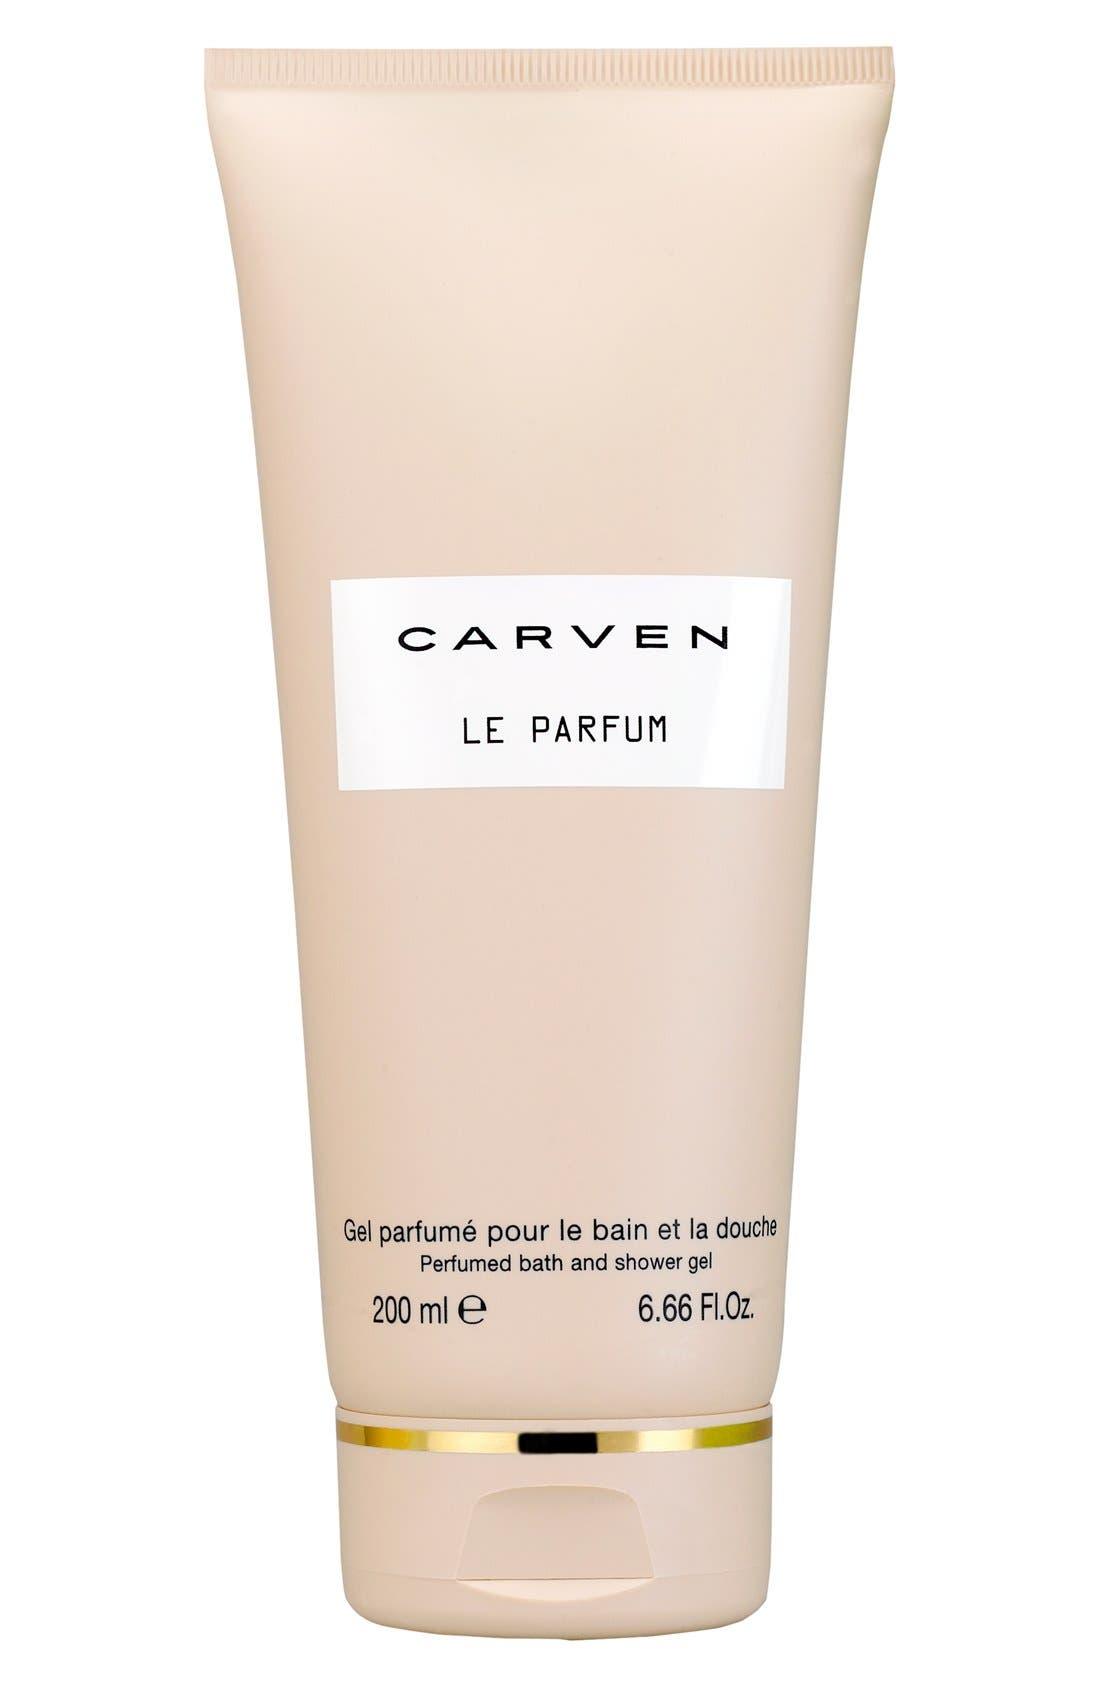 'Le Parfum' Perfumed Bath & Shower Gel,                             Main thumbnail 1, color,                             NO COLOR